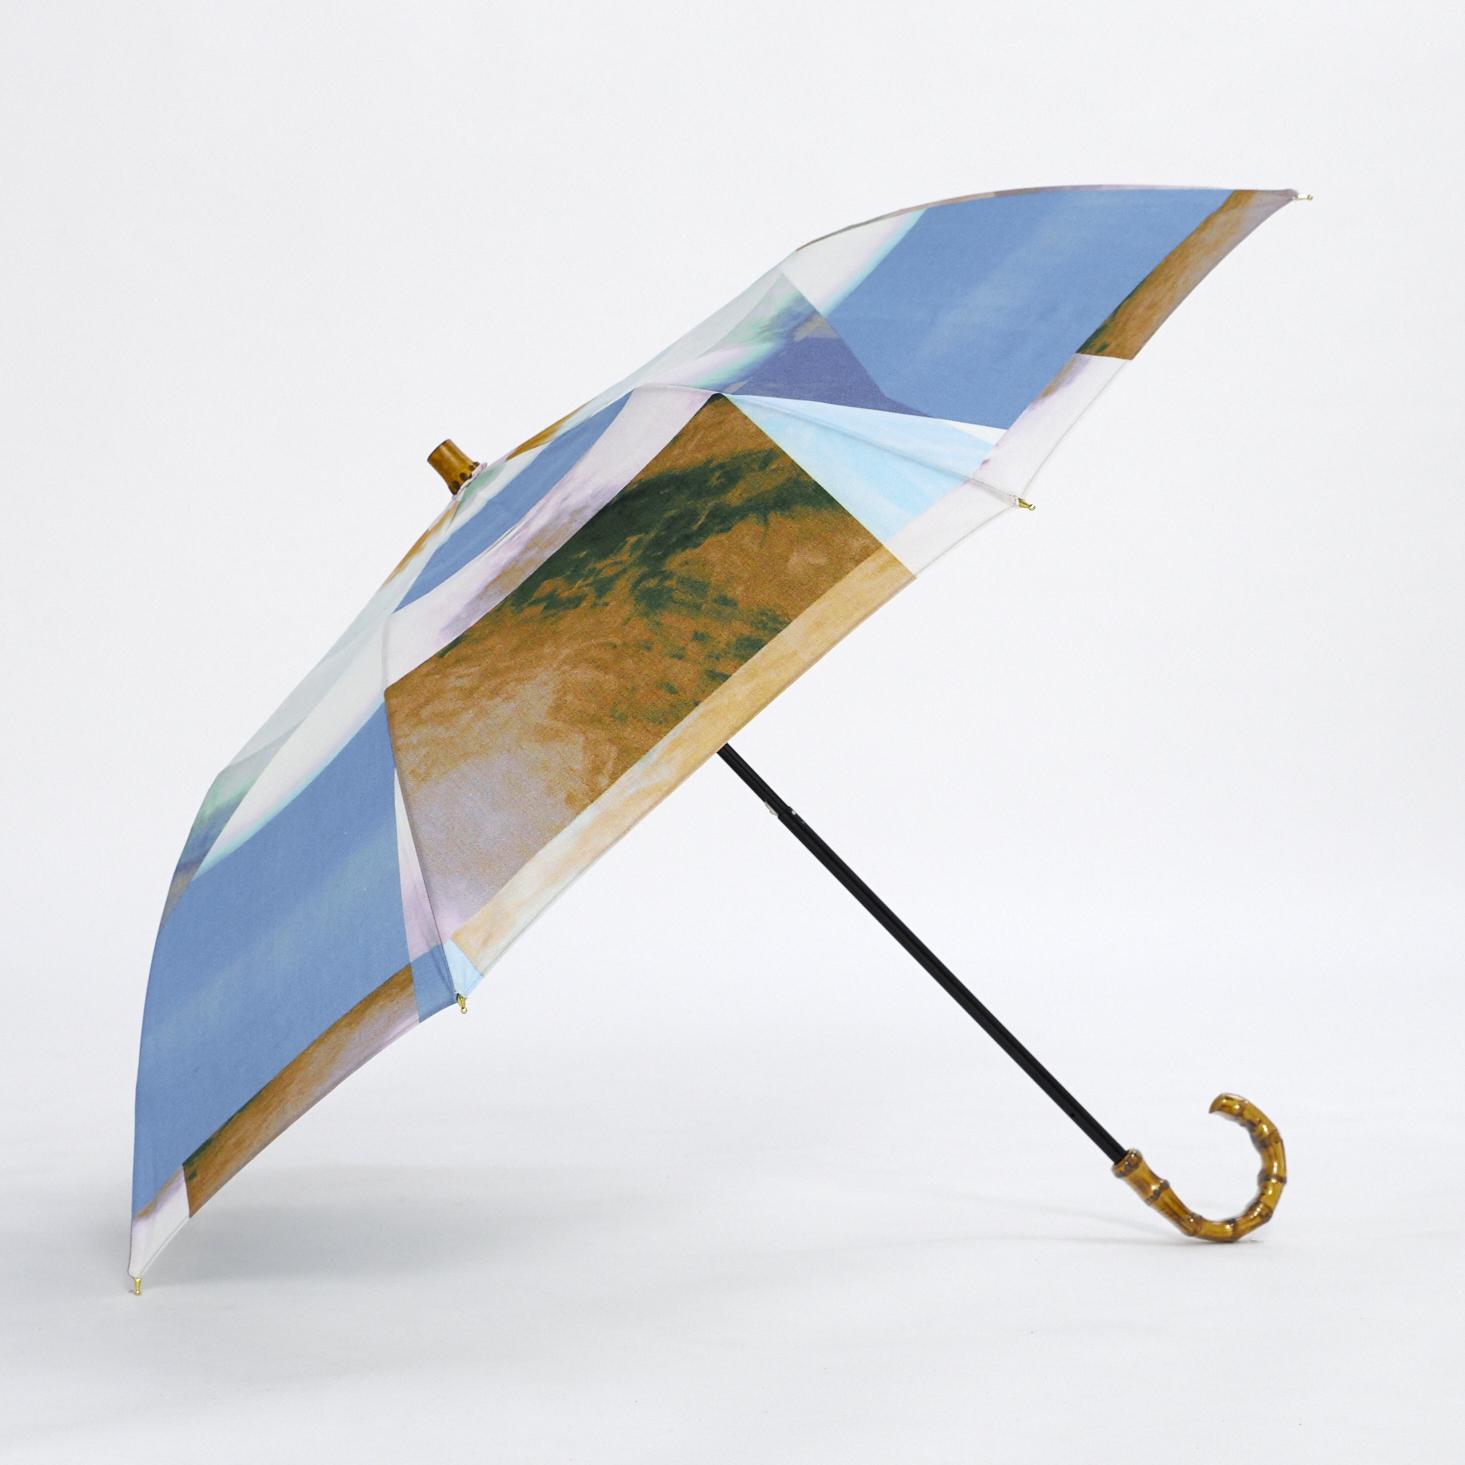 晴雨兼用の折りたたみ日傘 - BRAND NEW DAY - 1color